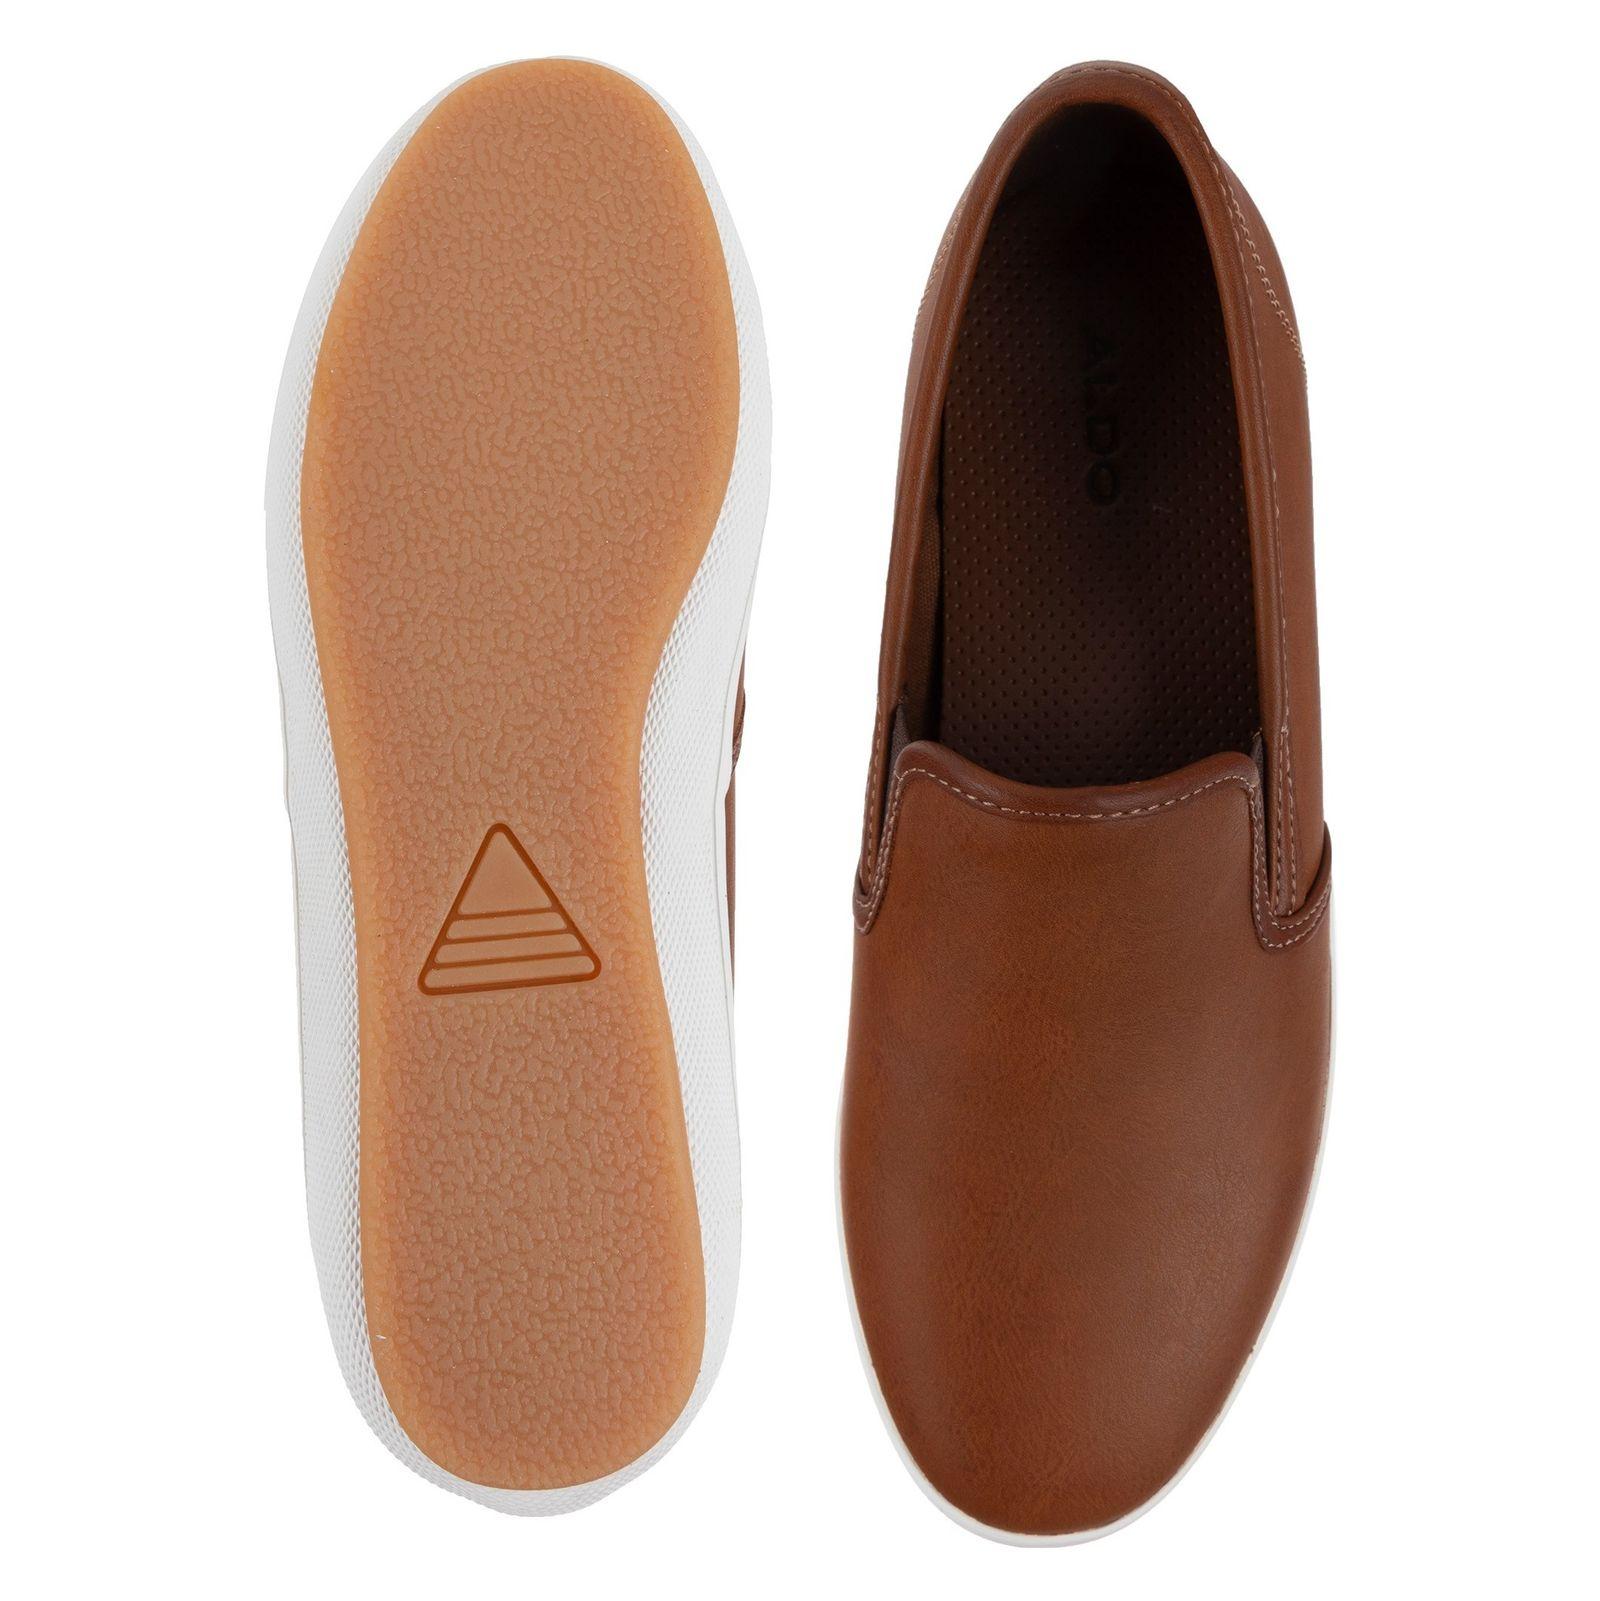 کفش راحتی مردانه - آلدو - قهوه اي - 2